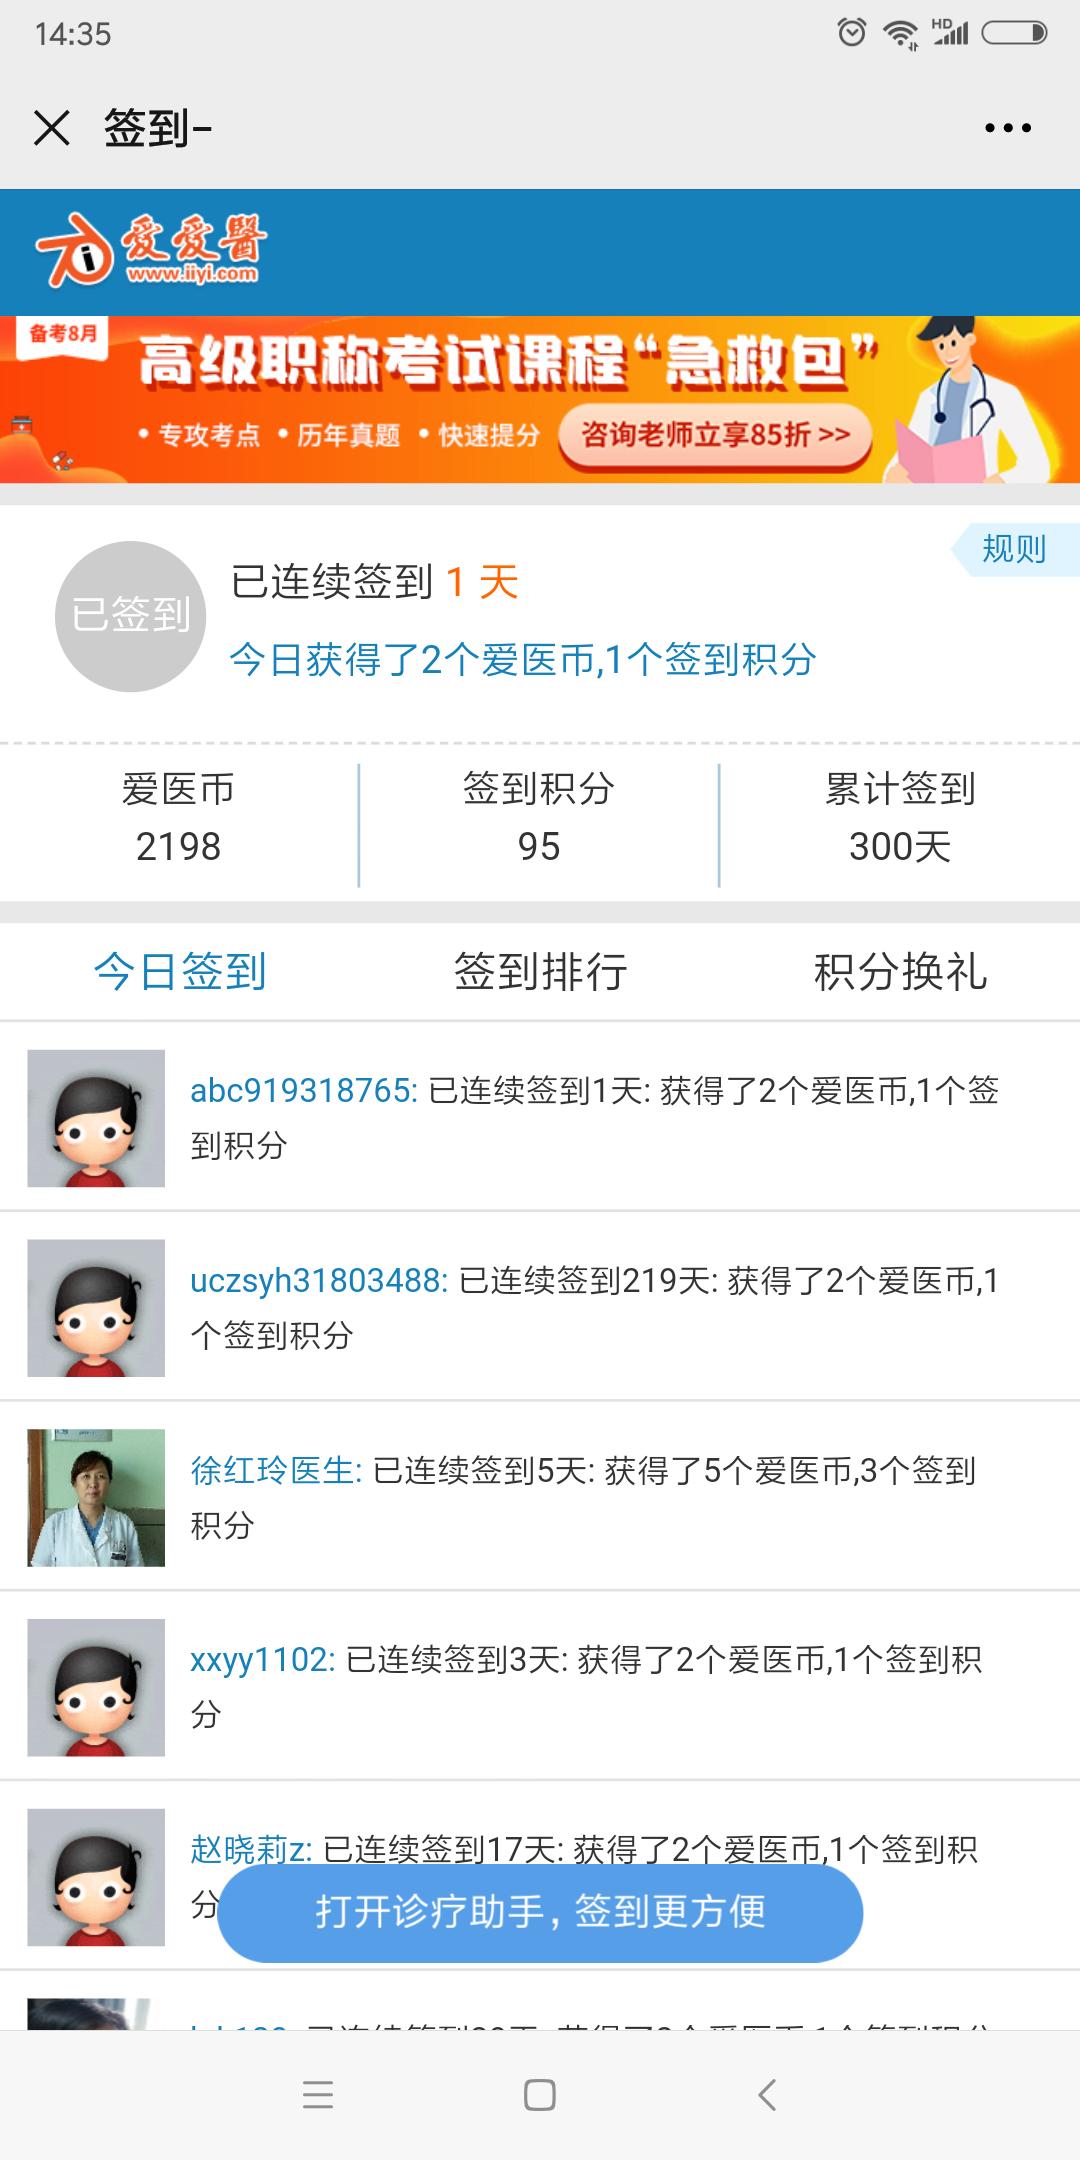 Screenshot_2020-07-09-14-35-38-830_com.tencent.mm.png